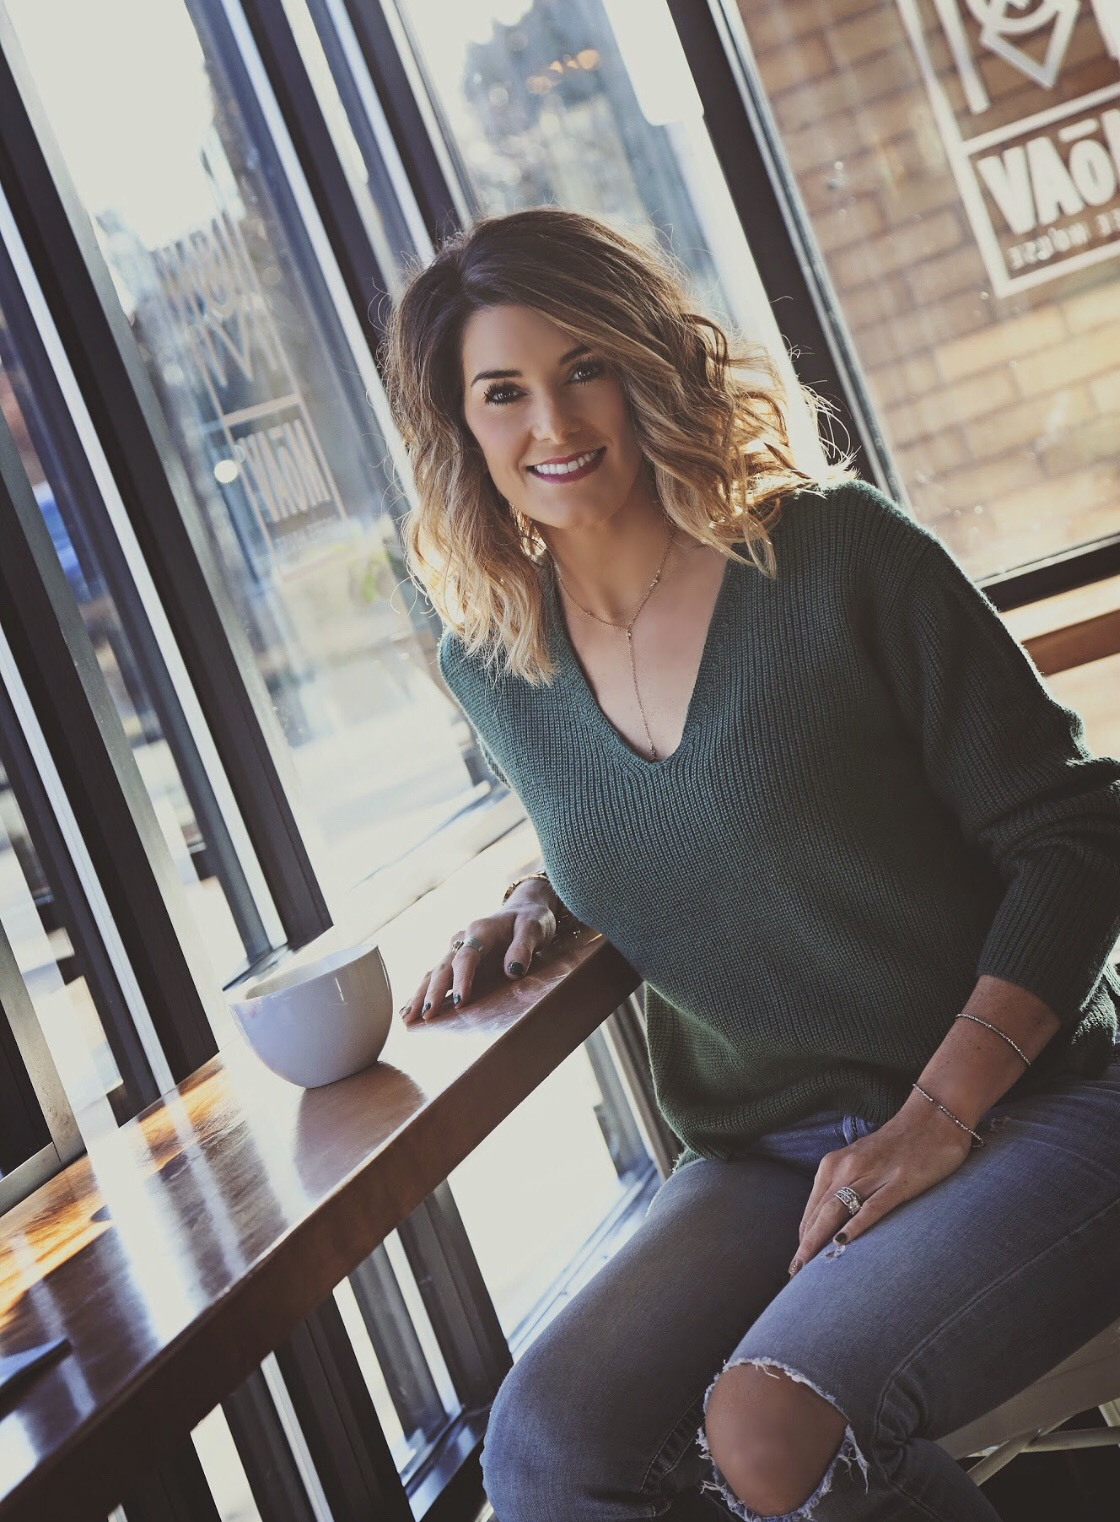 Written by: Tara Kelsey  Intuitive Life Coach & Speaker   www.tarakelsey.com